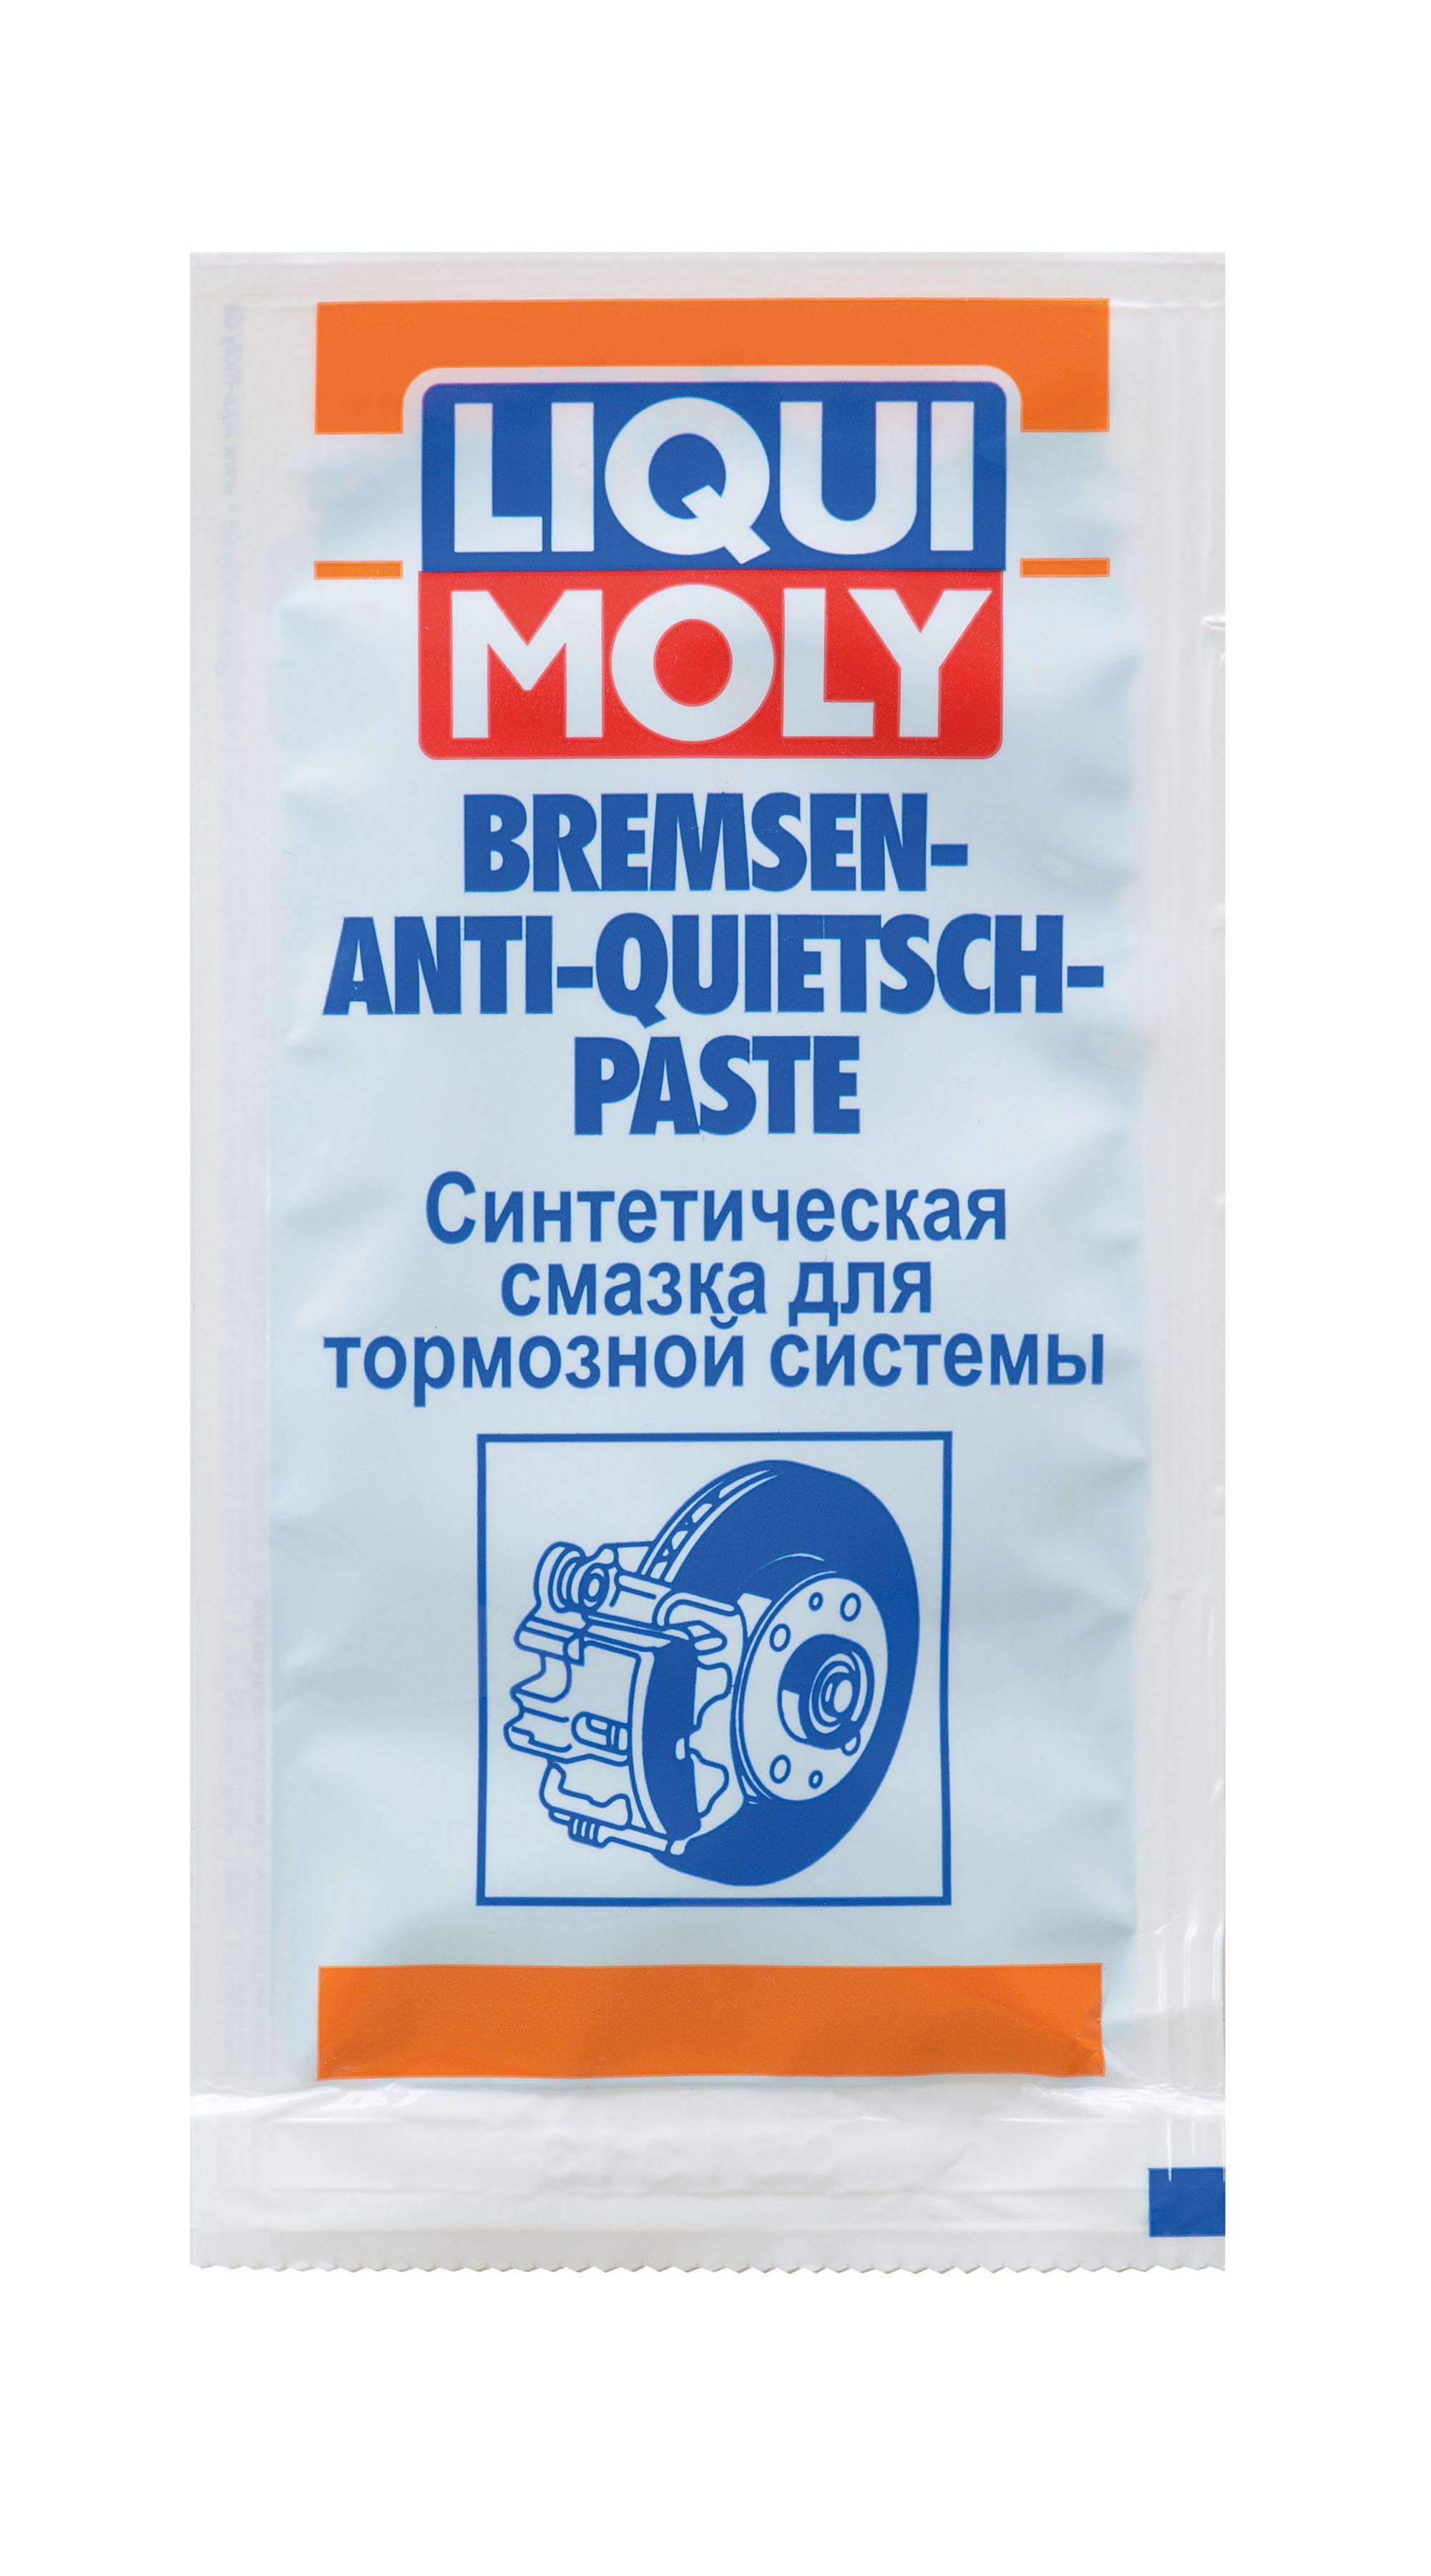 Синтетическая смазка для тормозной системы Bremsen-Anti-Quietsch-Paste